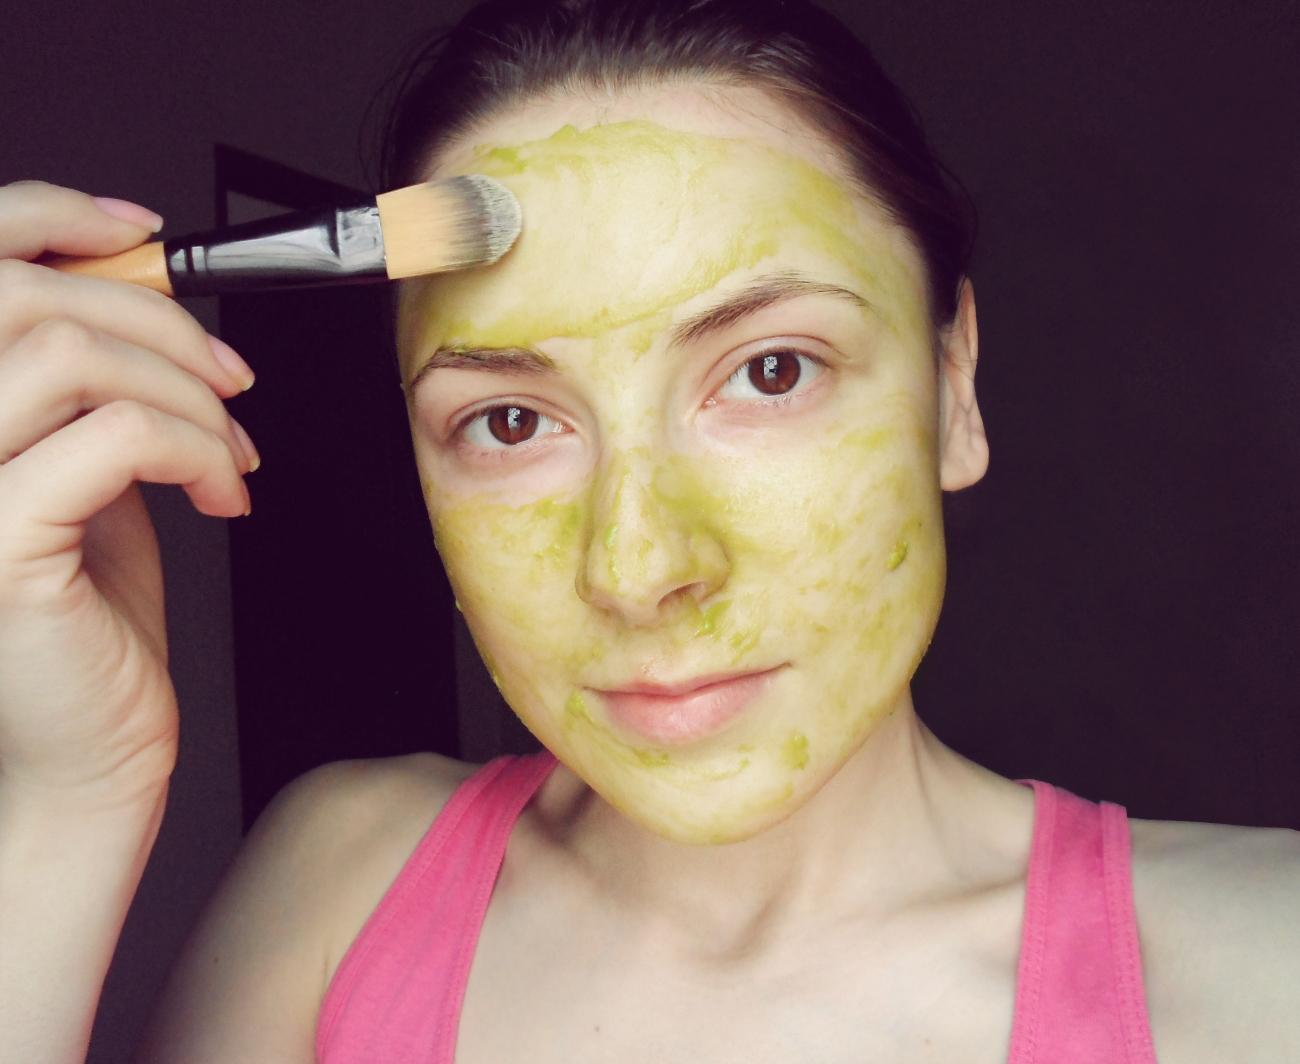 facial skin care homemade recipes masks fruit masks all skin types DIY at home liz breygel blogger